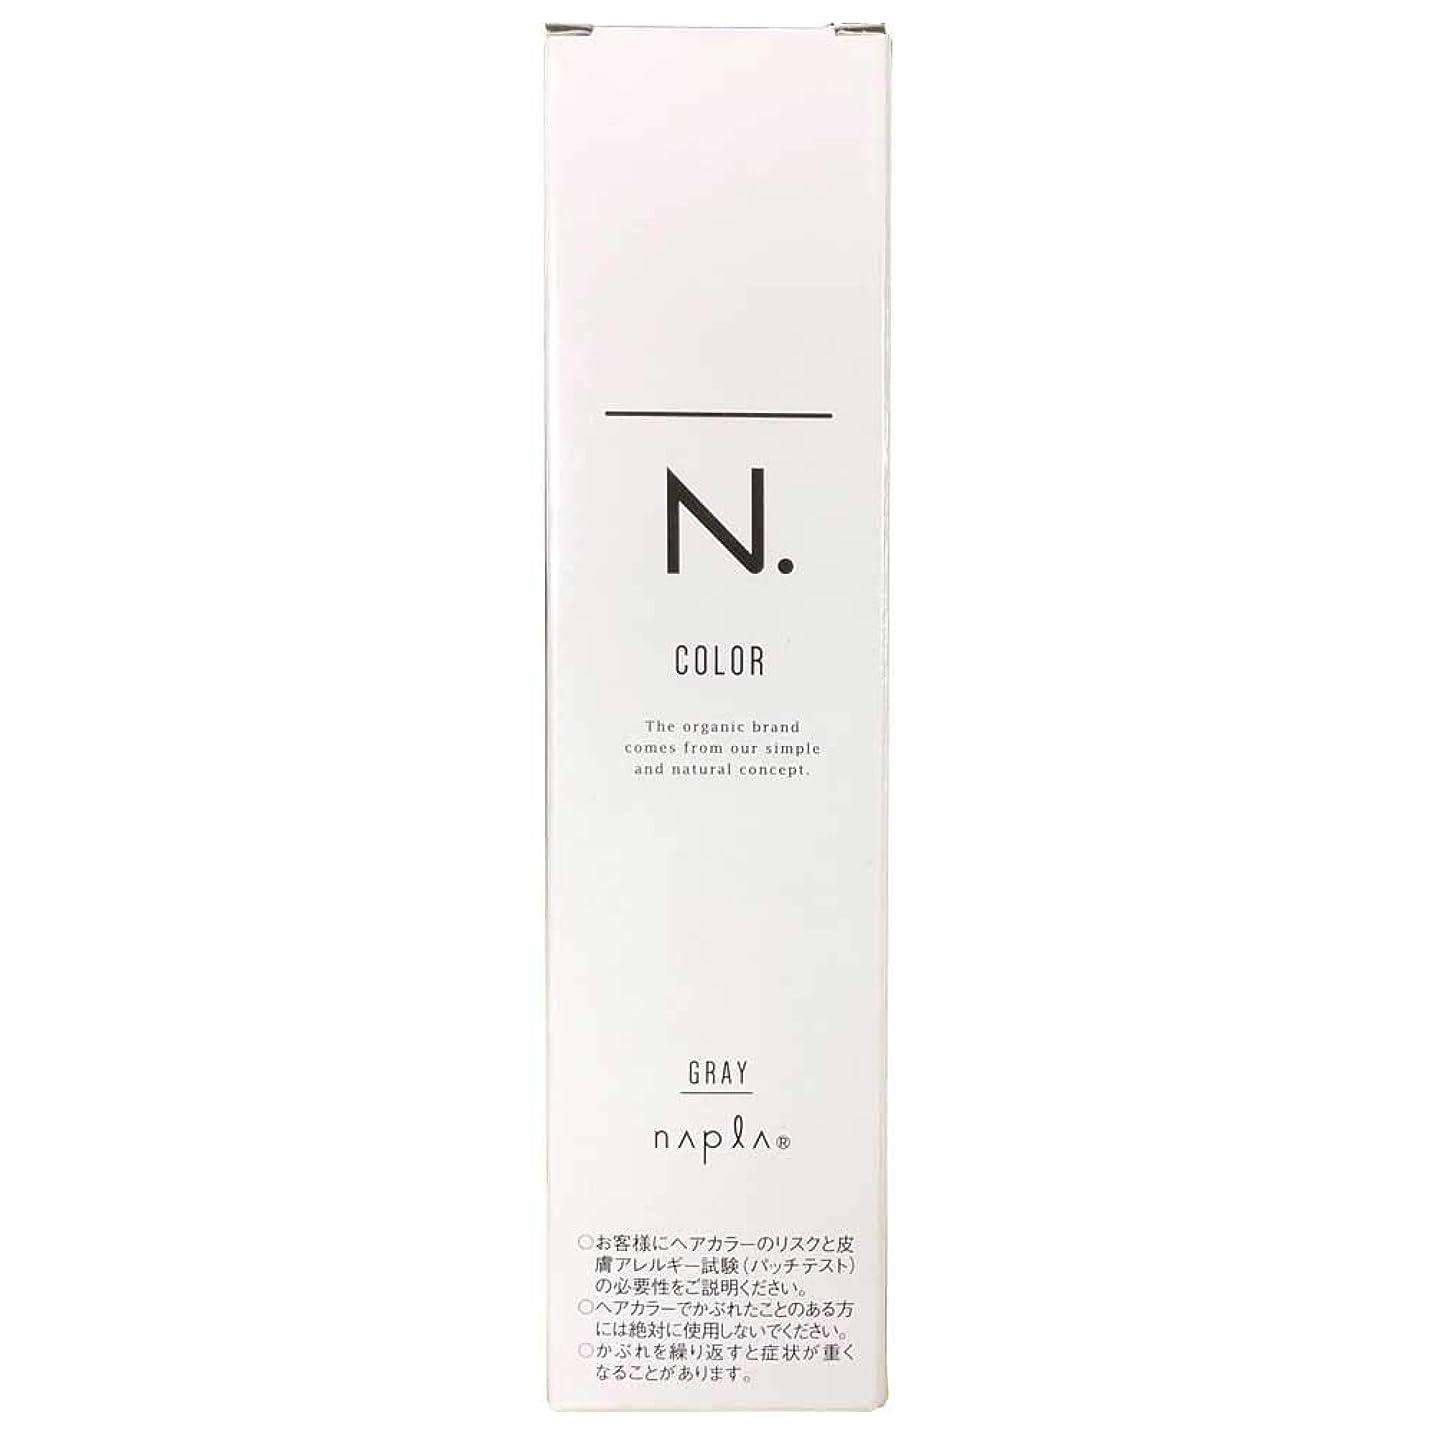 高音イライラする息子ナプラ エヌドットカラー グレイファッション 第1剤 80g (G-7NB)